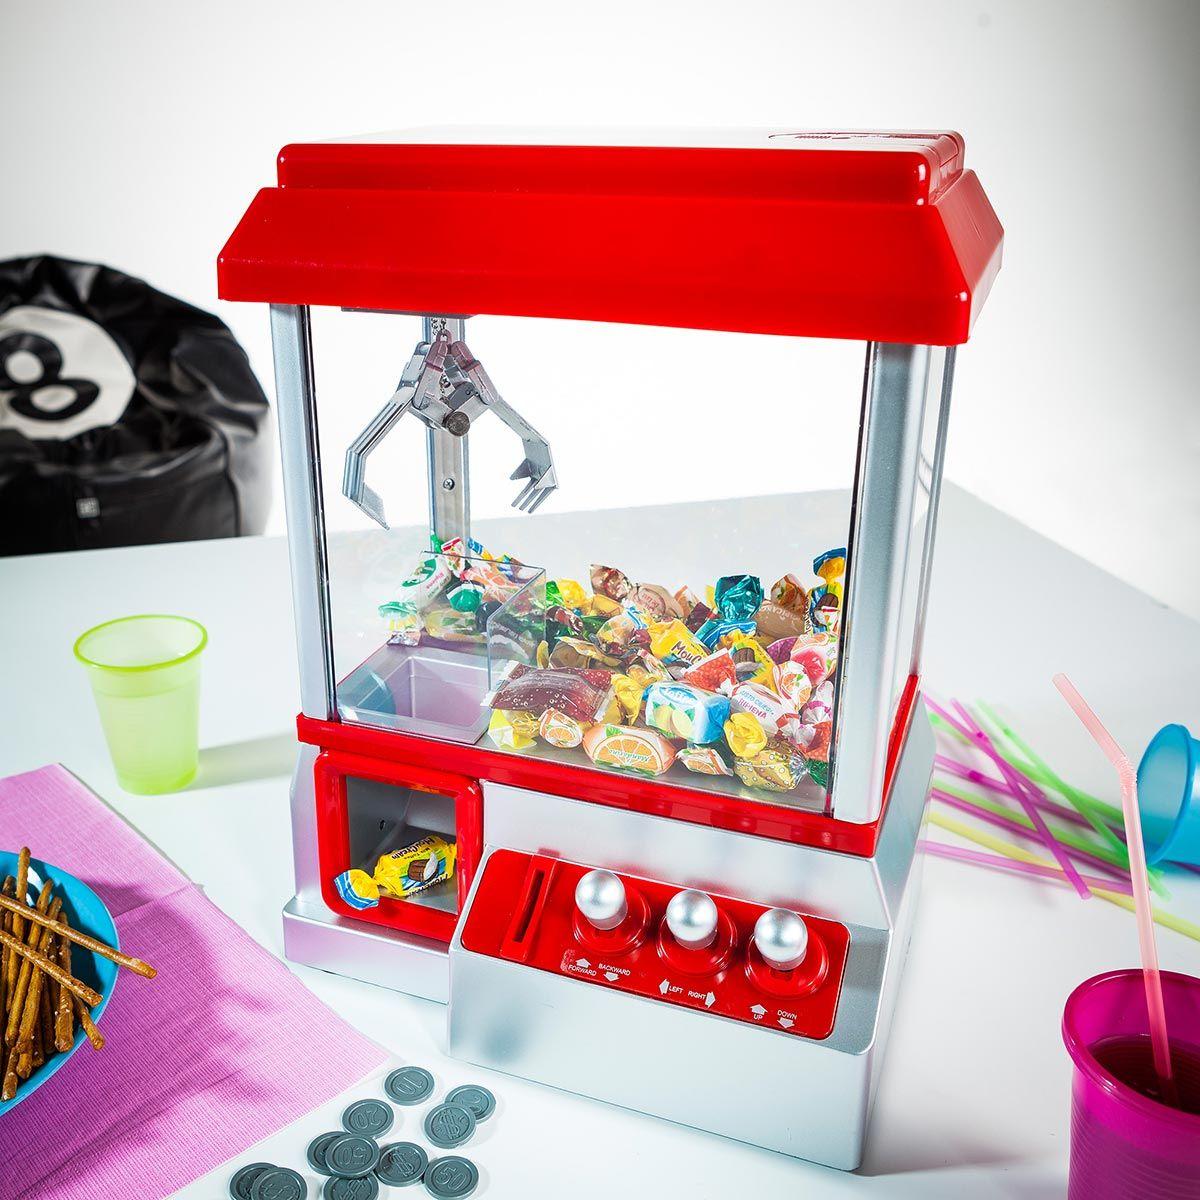 Le Meilleur Distributeur De Bonbon Candy Grabber